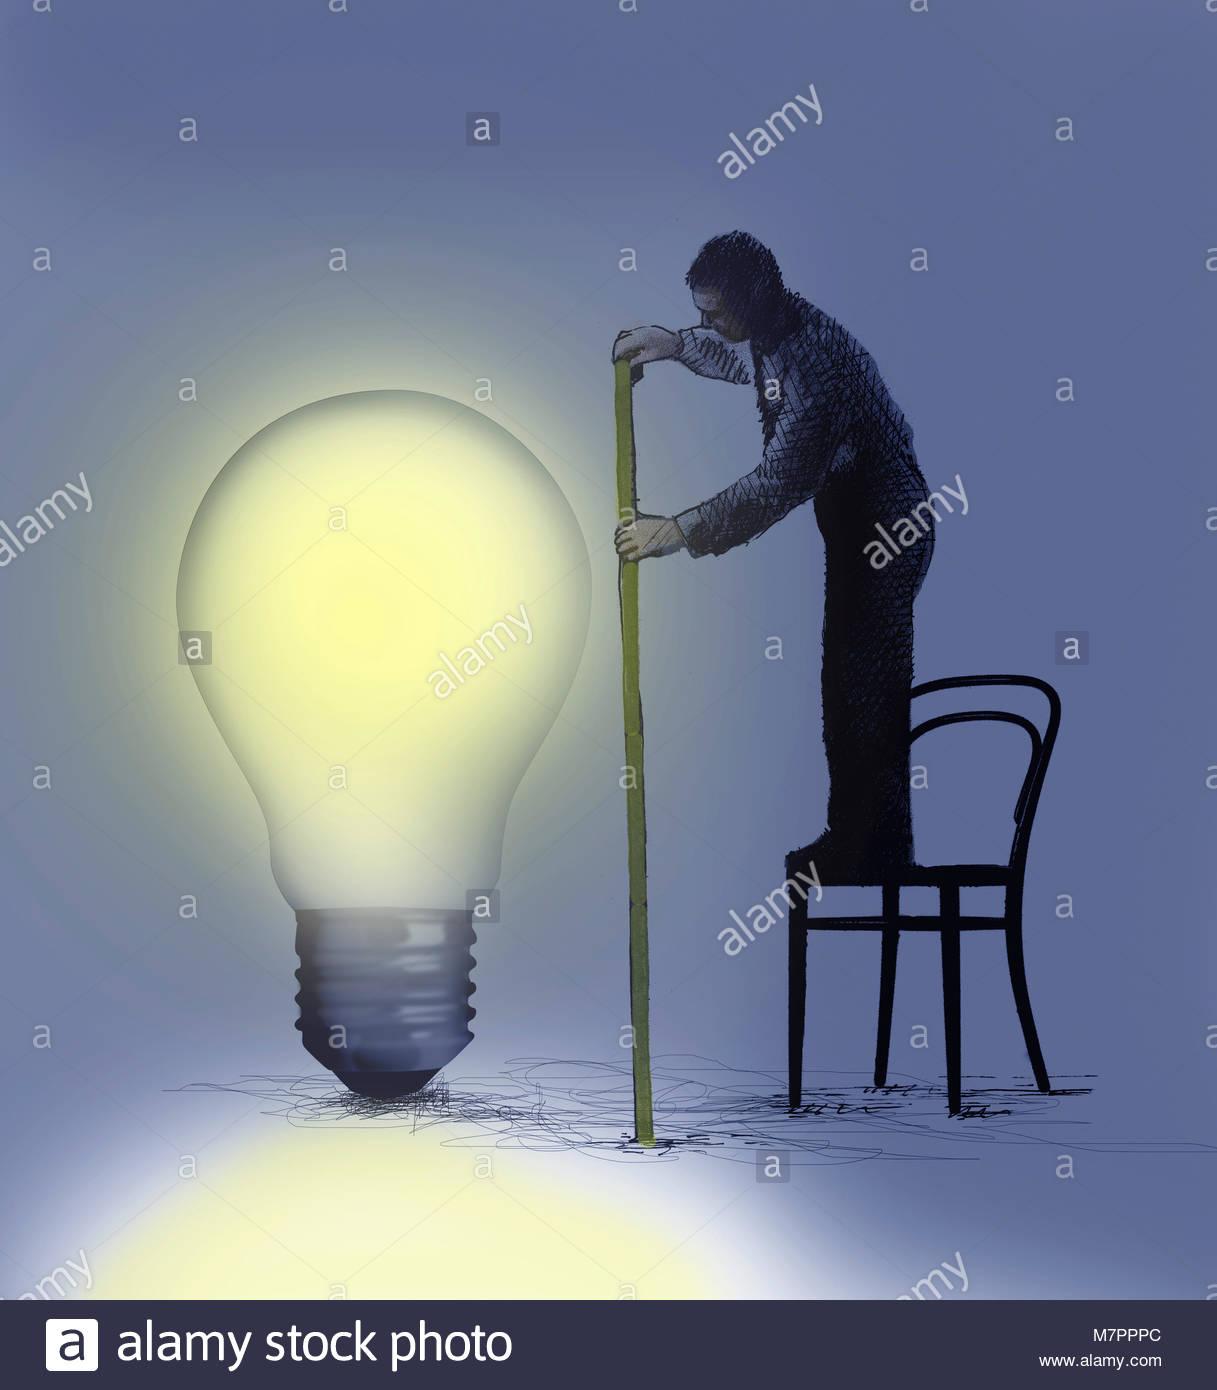 Empresario de medición en una silla permanente gran bombilla iluminada Imagen De Stock